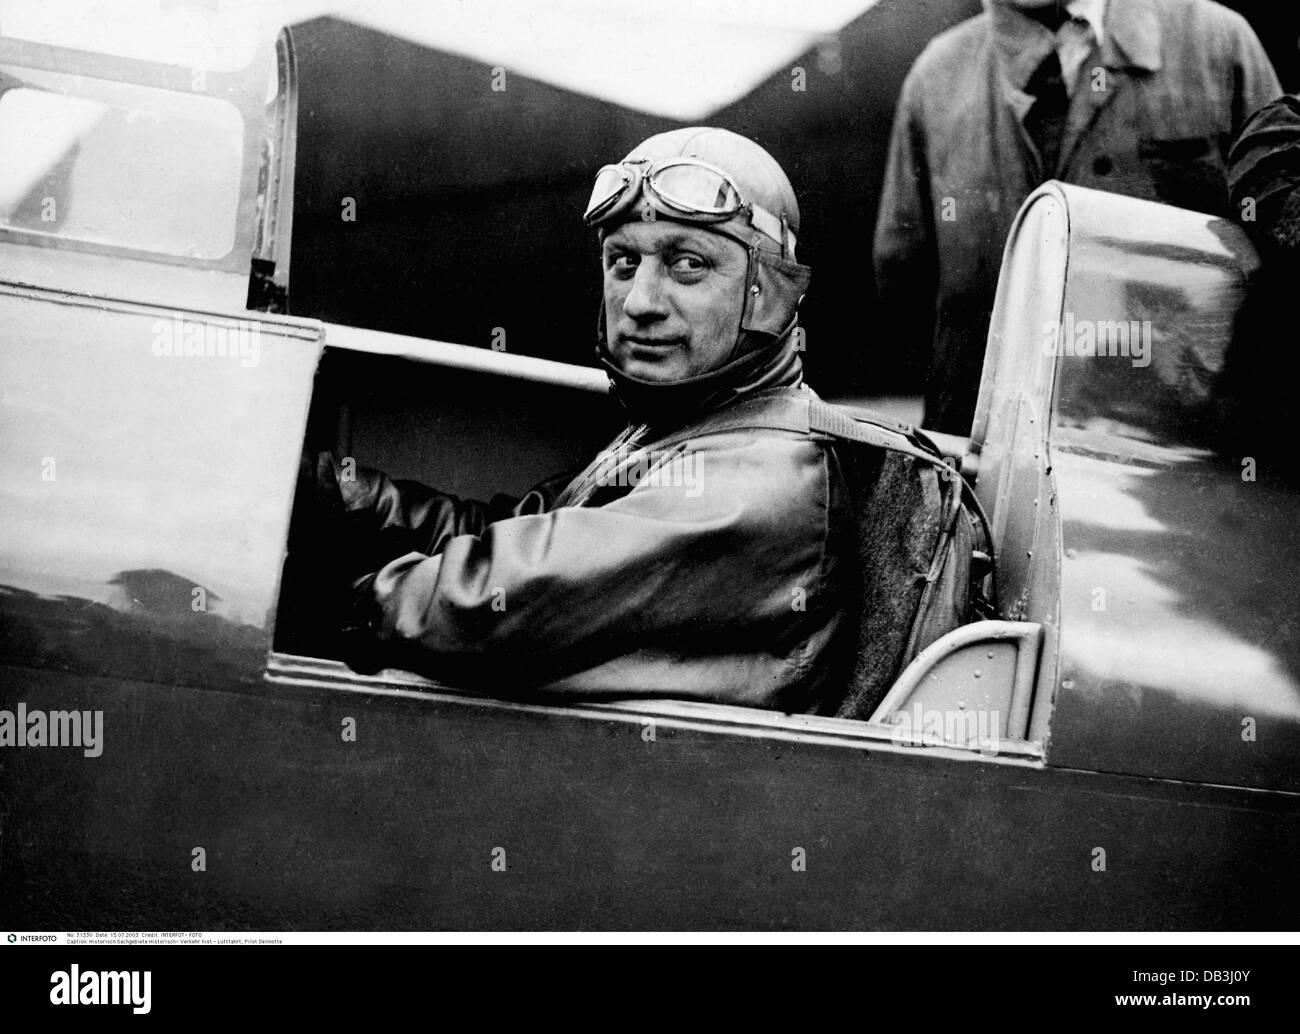 Transport / Transports, aviation, pilote, Raymond Delmotte, années 30, 30s, 20e siècle, historique, historique, Photo Stock